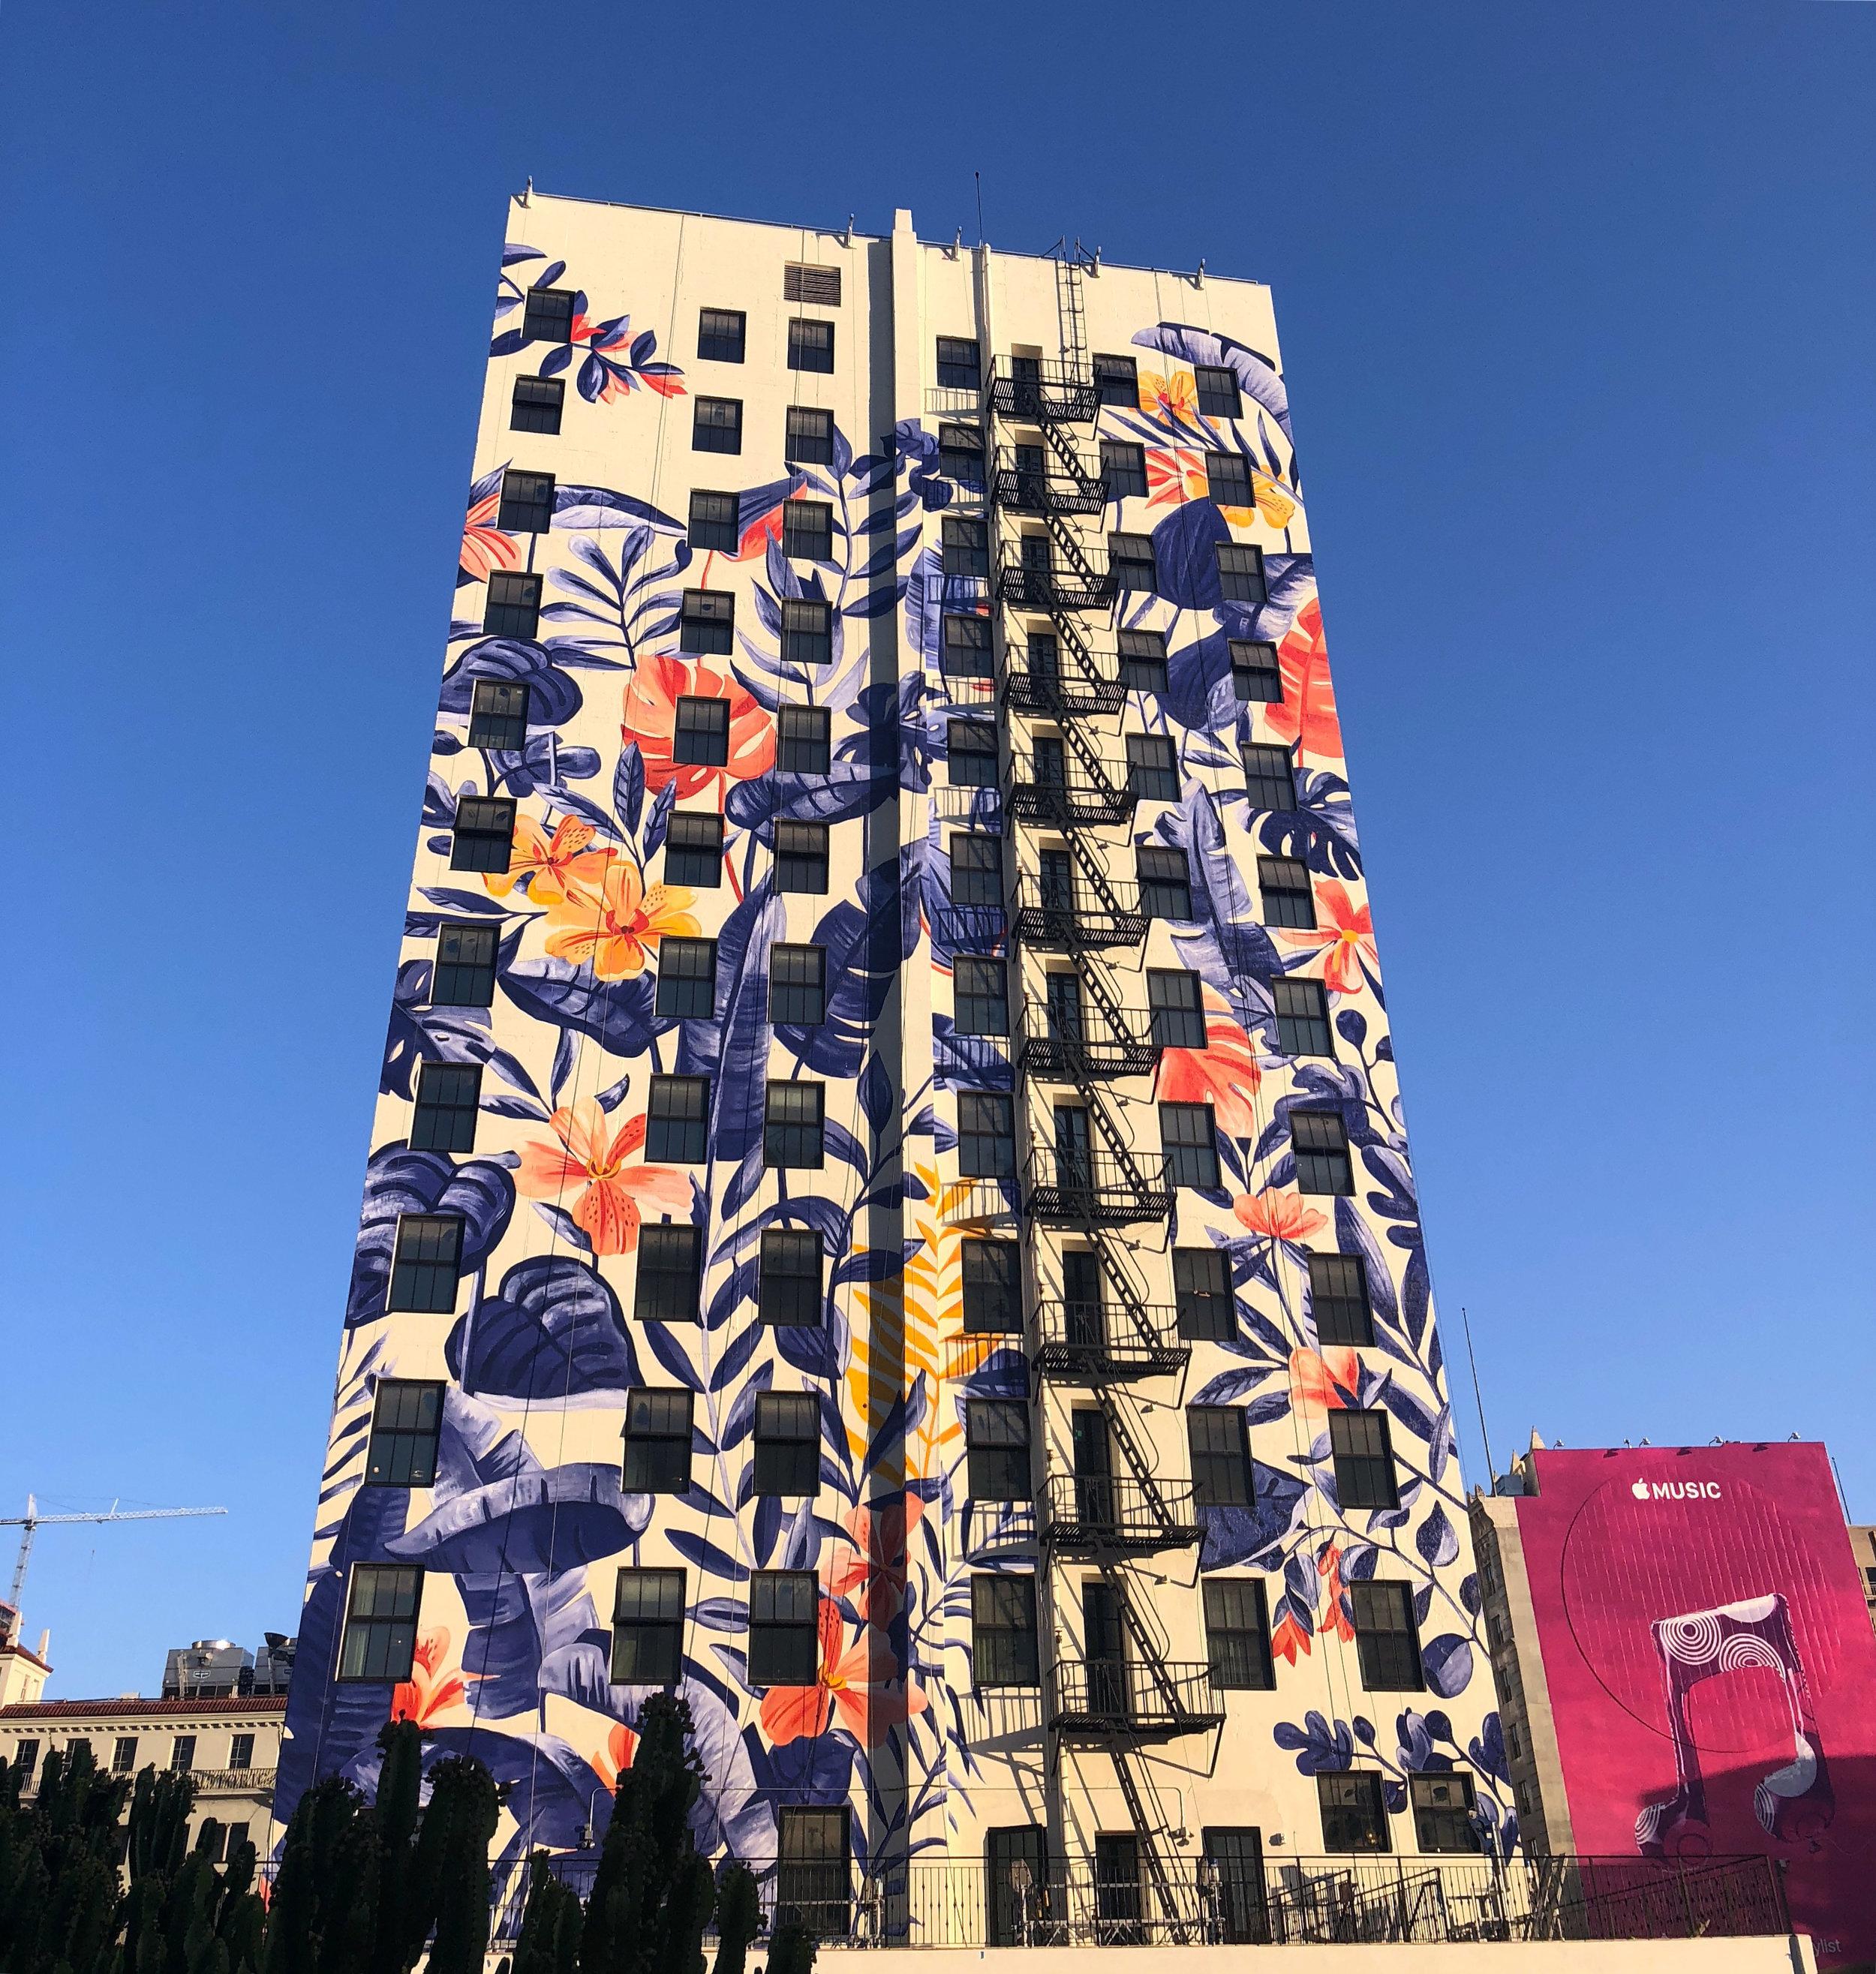 HOTEL FIGUEROA  LOS ANGELES, CA  ARTIST: BELLA GOMEZ